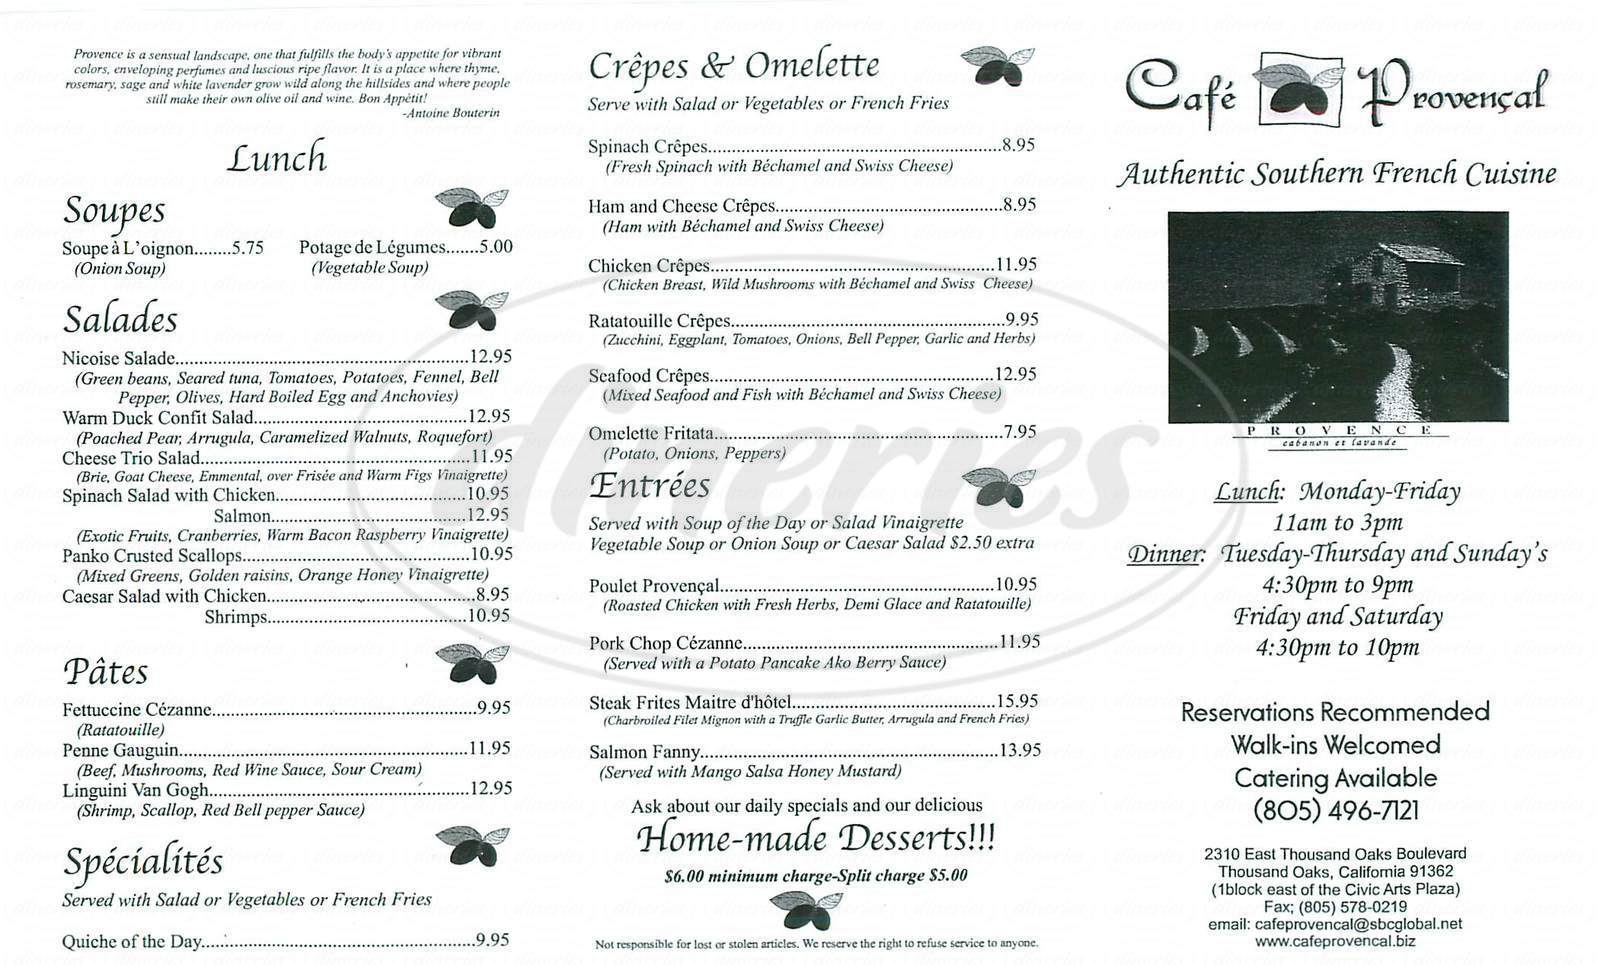 menu for Café Provencal